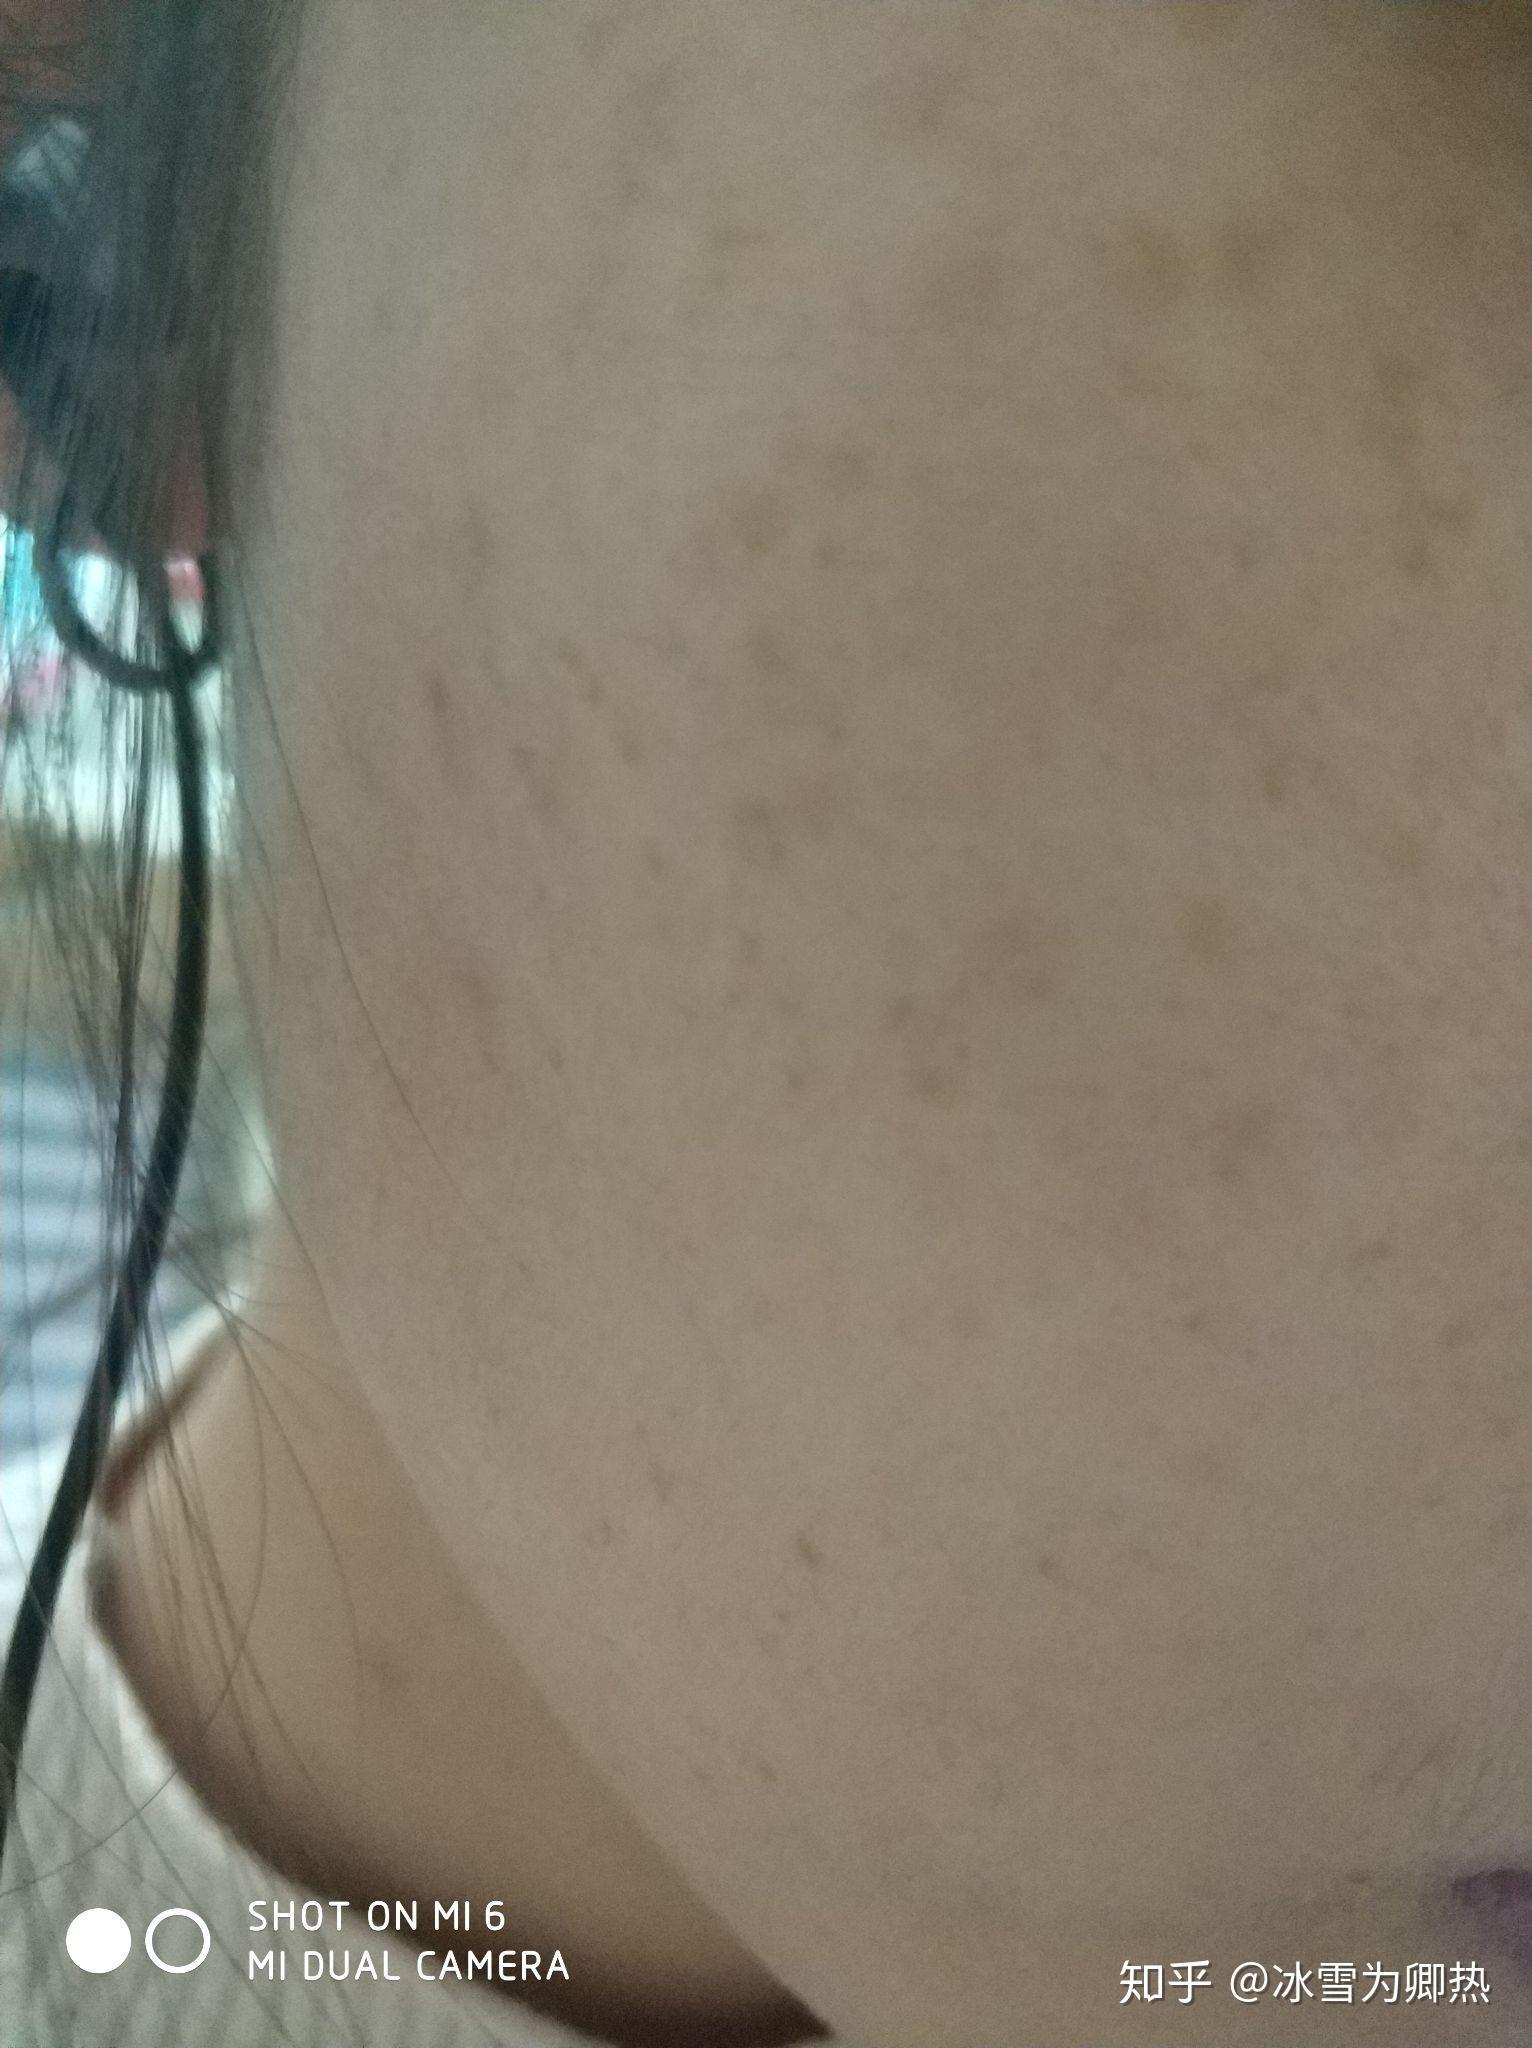 亲们有谁有过激光祛斑的经历?本人有雀斑一直困扰,想要去激光祛斑,但担心会反弹一直不敢去做。求解?相关的图片